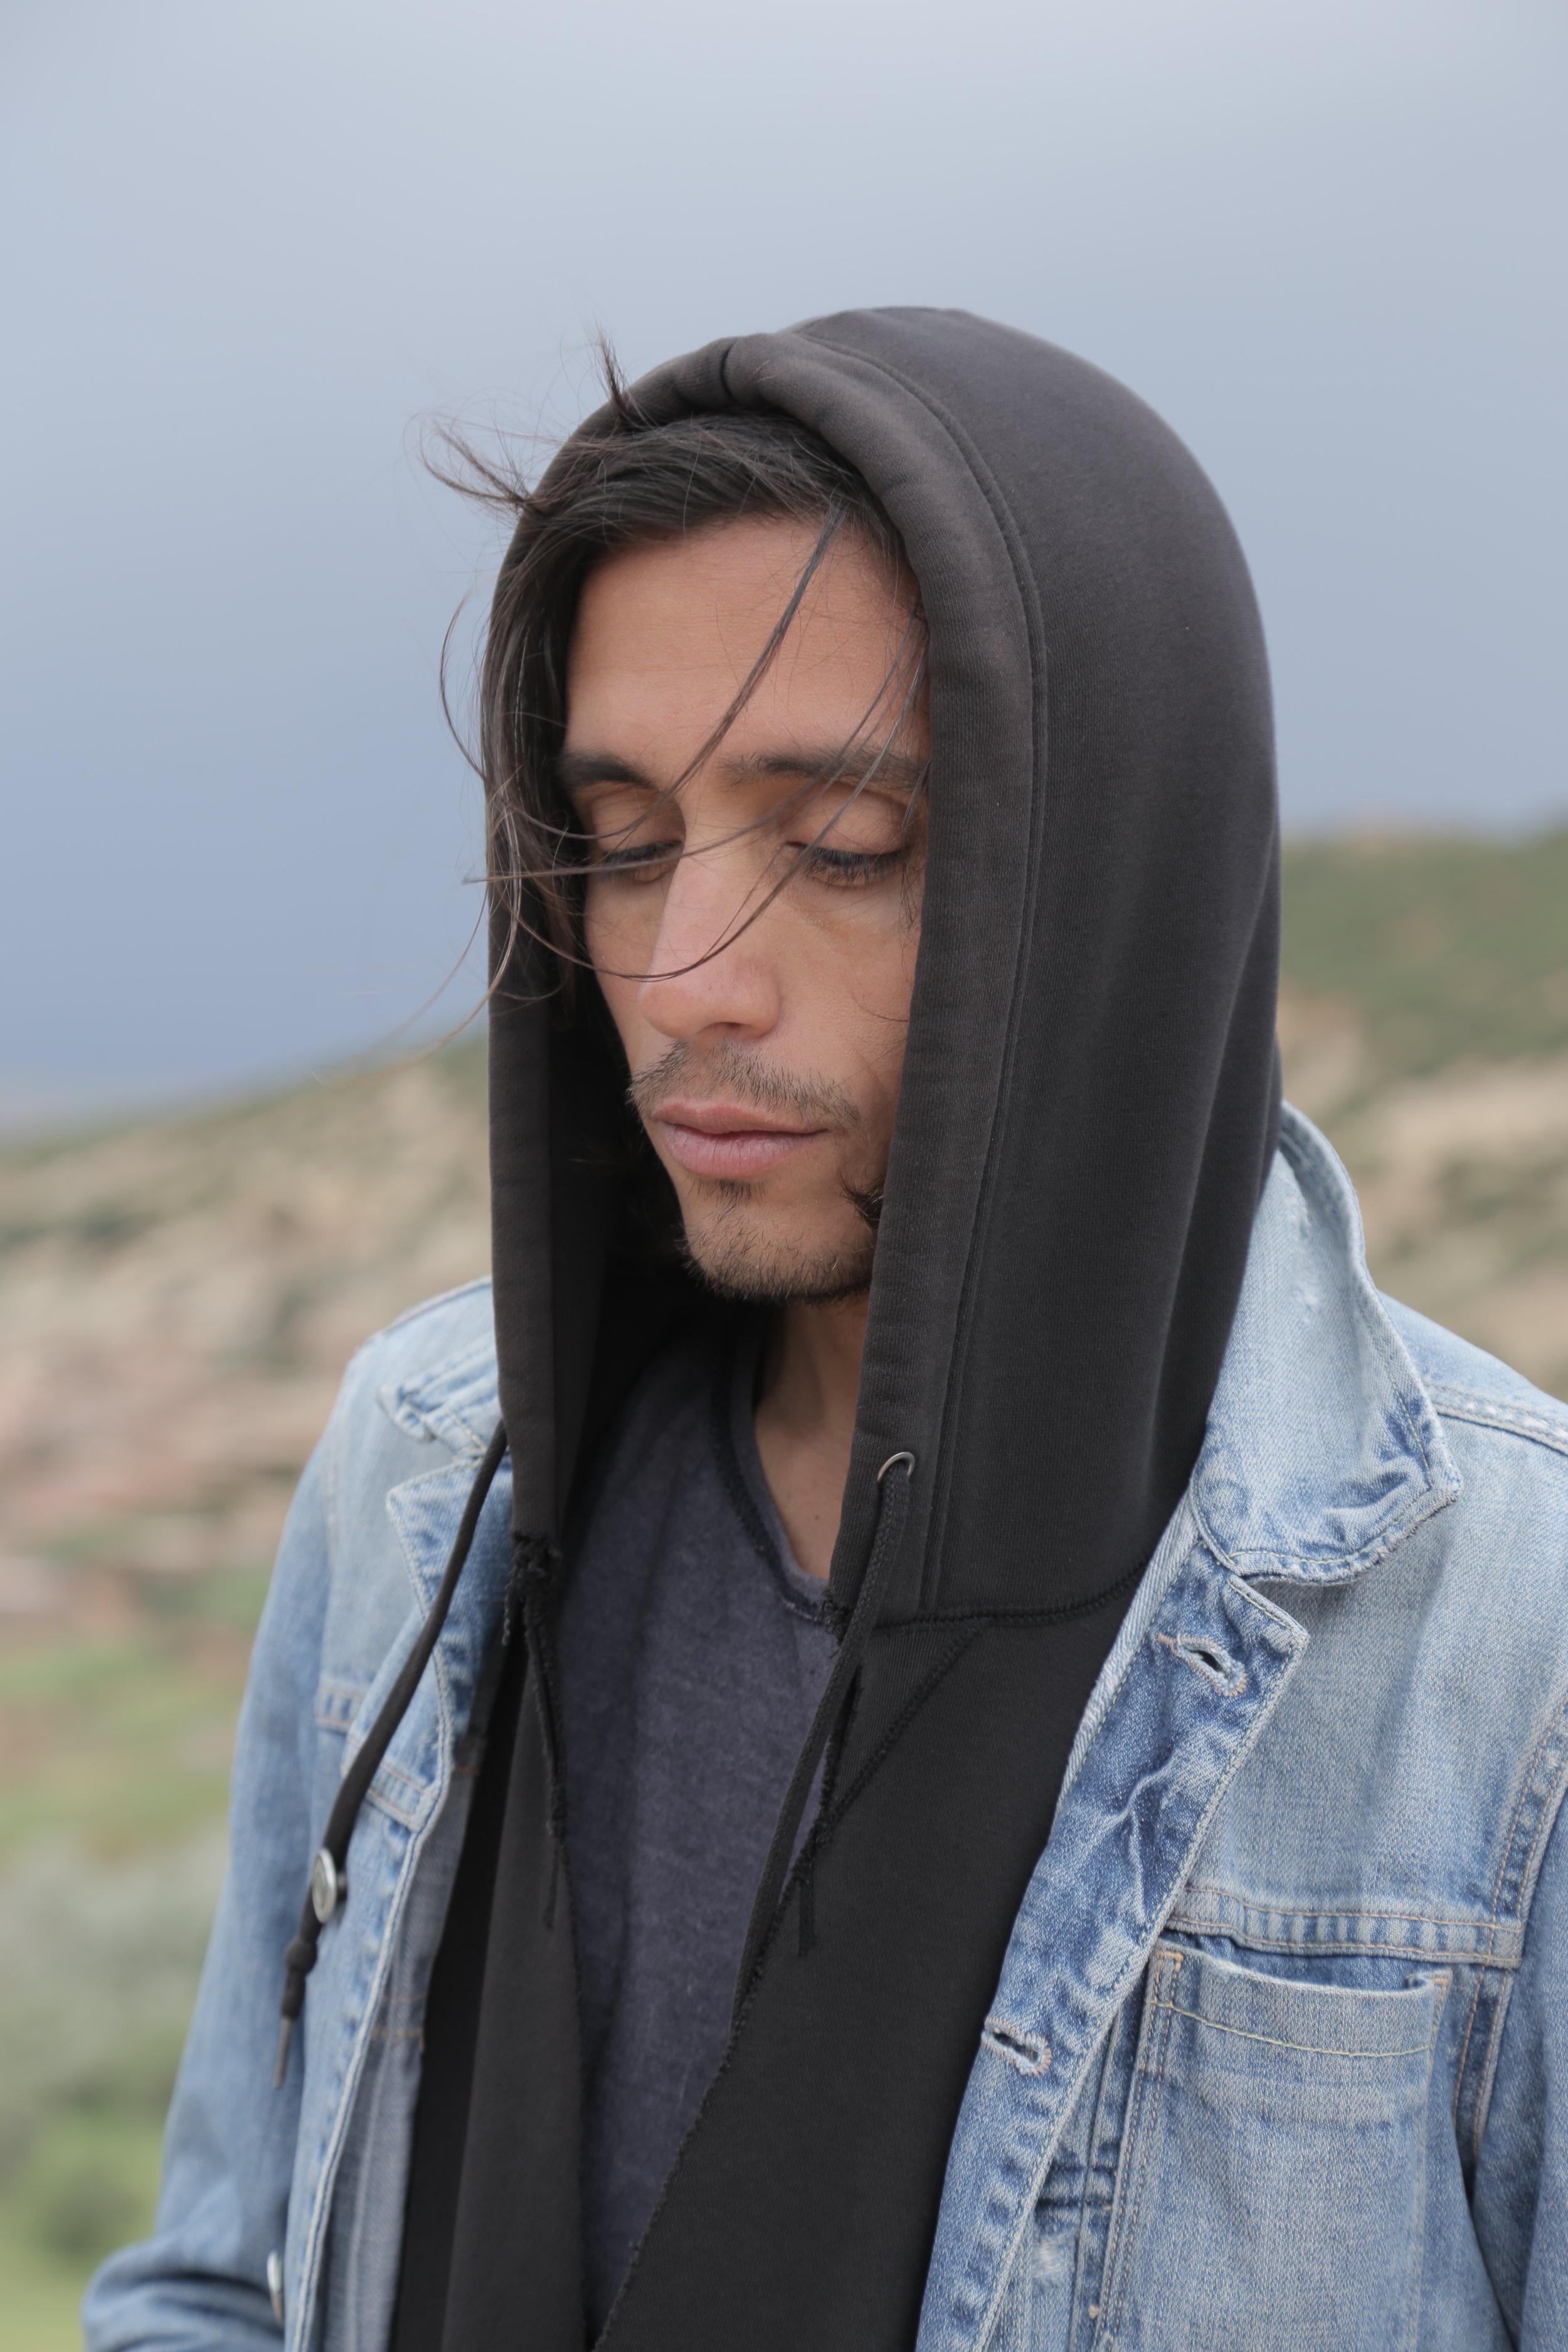 Adrián Villar Rojas, photographed by Mario Caporali